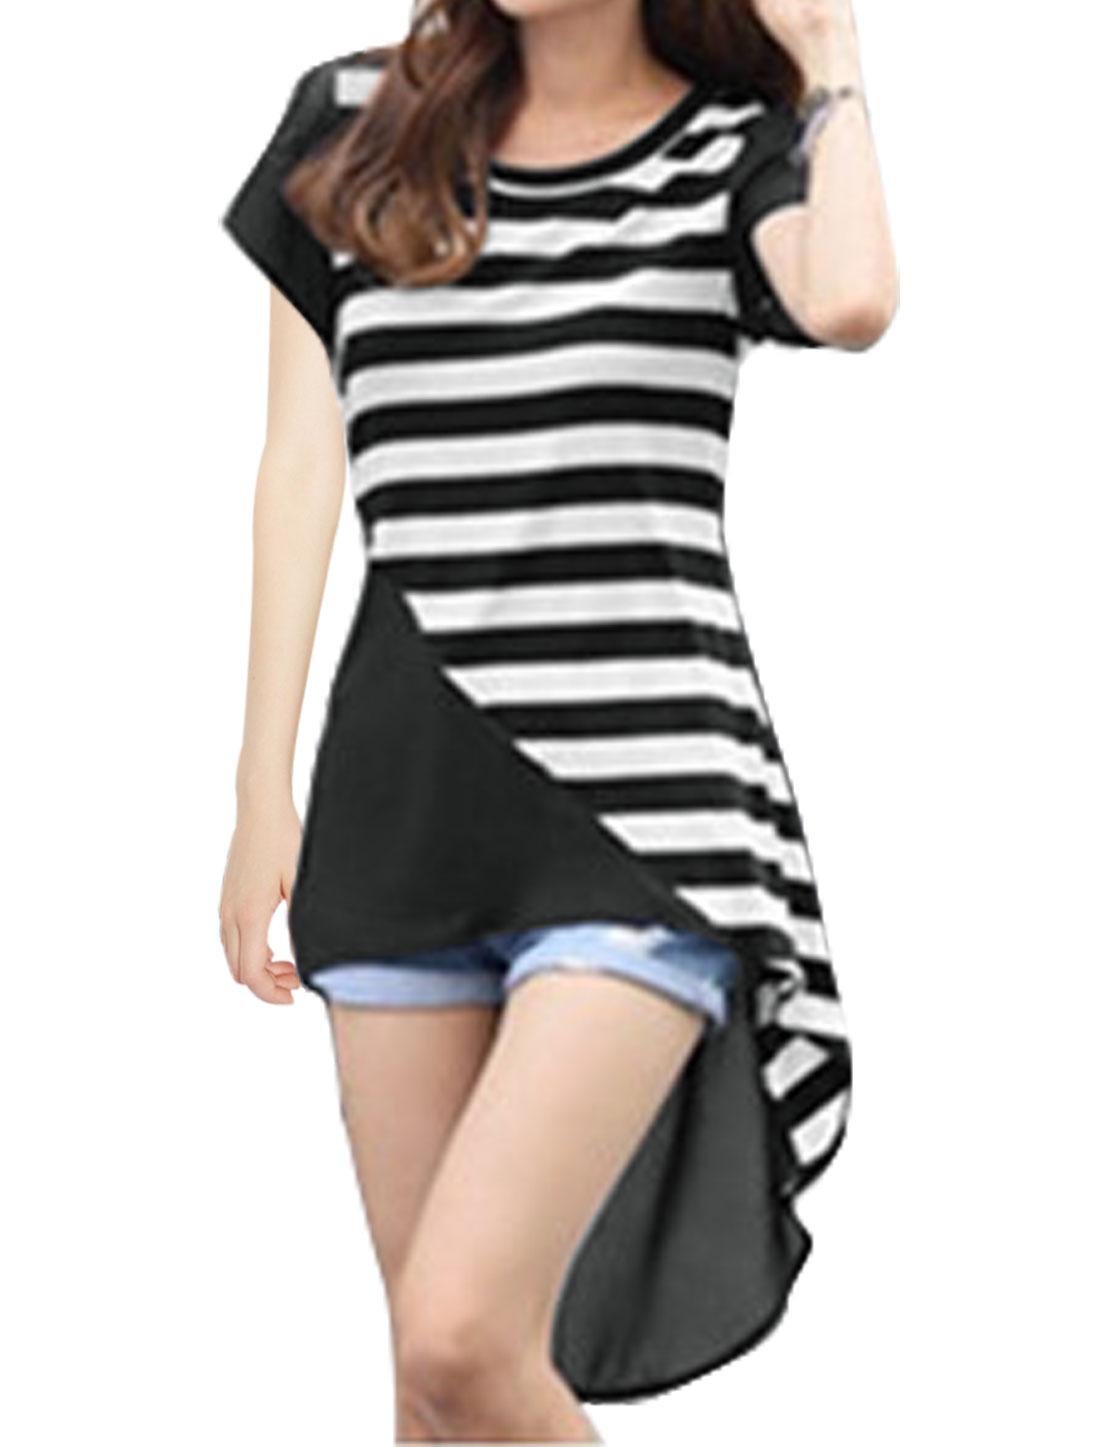 Women Lace Up Back Chiffon Semi Sheer High Low Tunic Striped Top Black XS